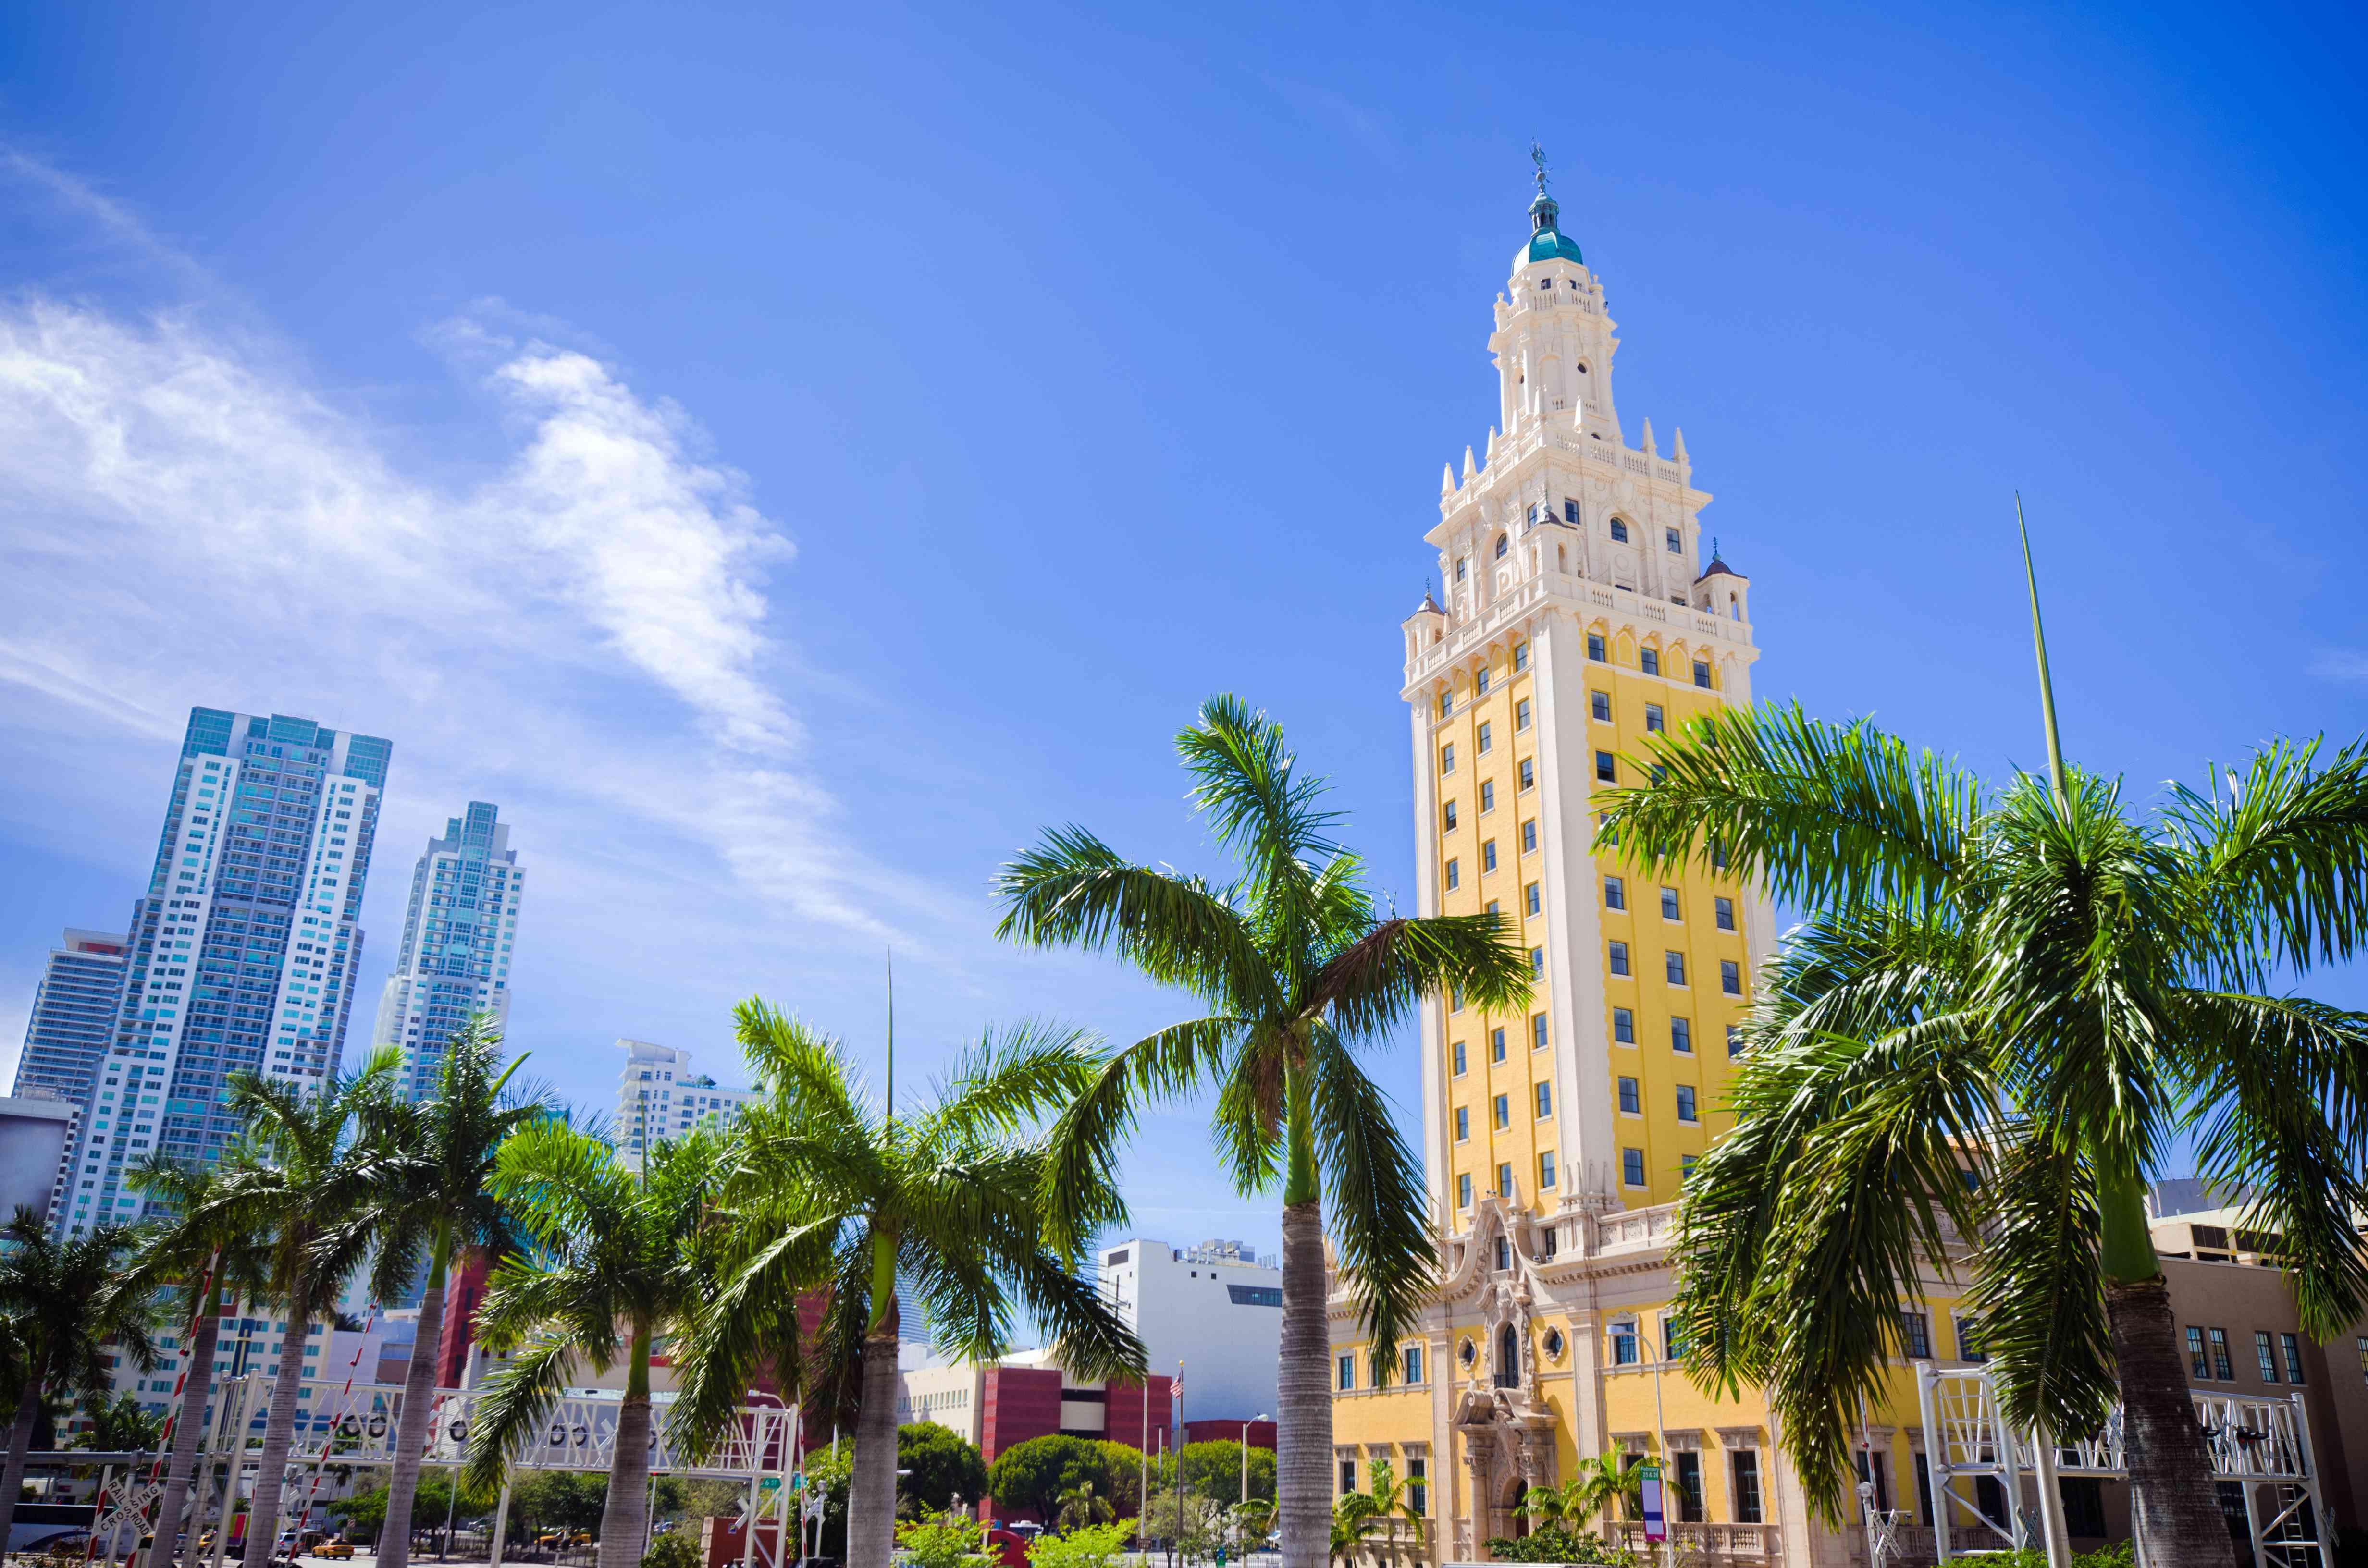 Vista panorámica de Freedom Tower en el centro de Miami Florida